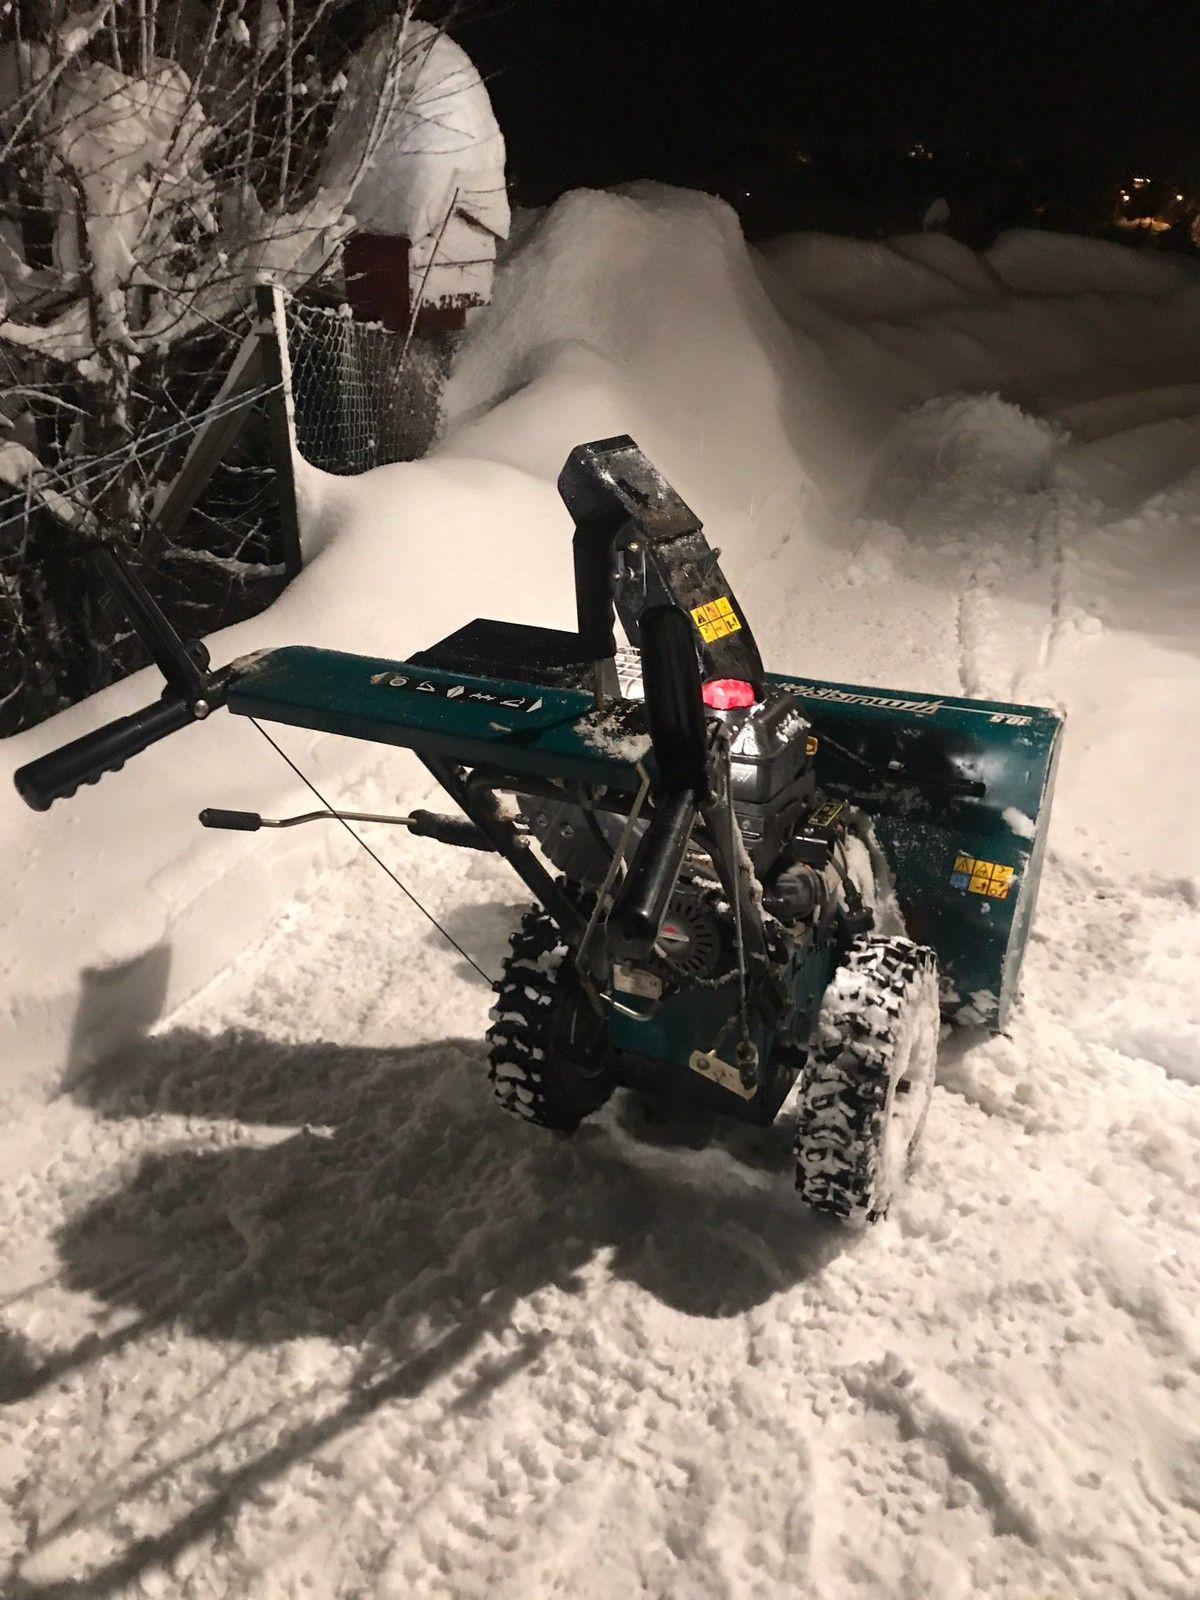 Murray  10,5hp - Skien  - Stor freser som er lite bruk! starter og går! Denne har både snor-start og el-start.  Tlf:95760084. - Skien